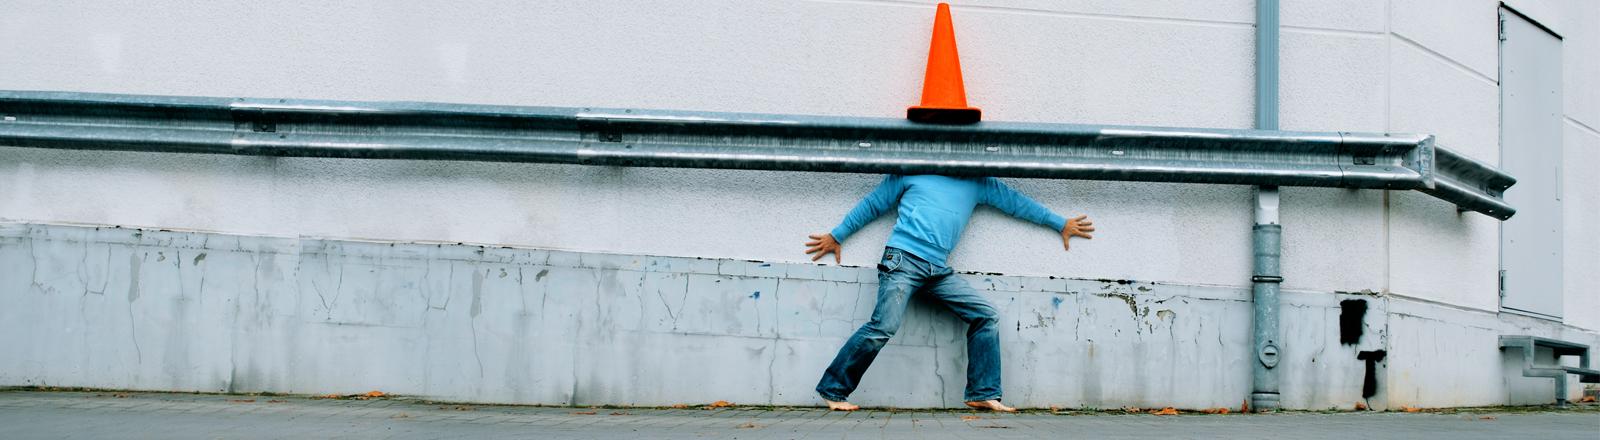 Ein Mann versteckt sich hinter einer Leitplanke, statt einem Kopf sieht man eine orange Pylone